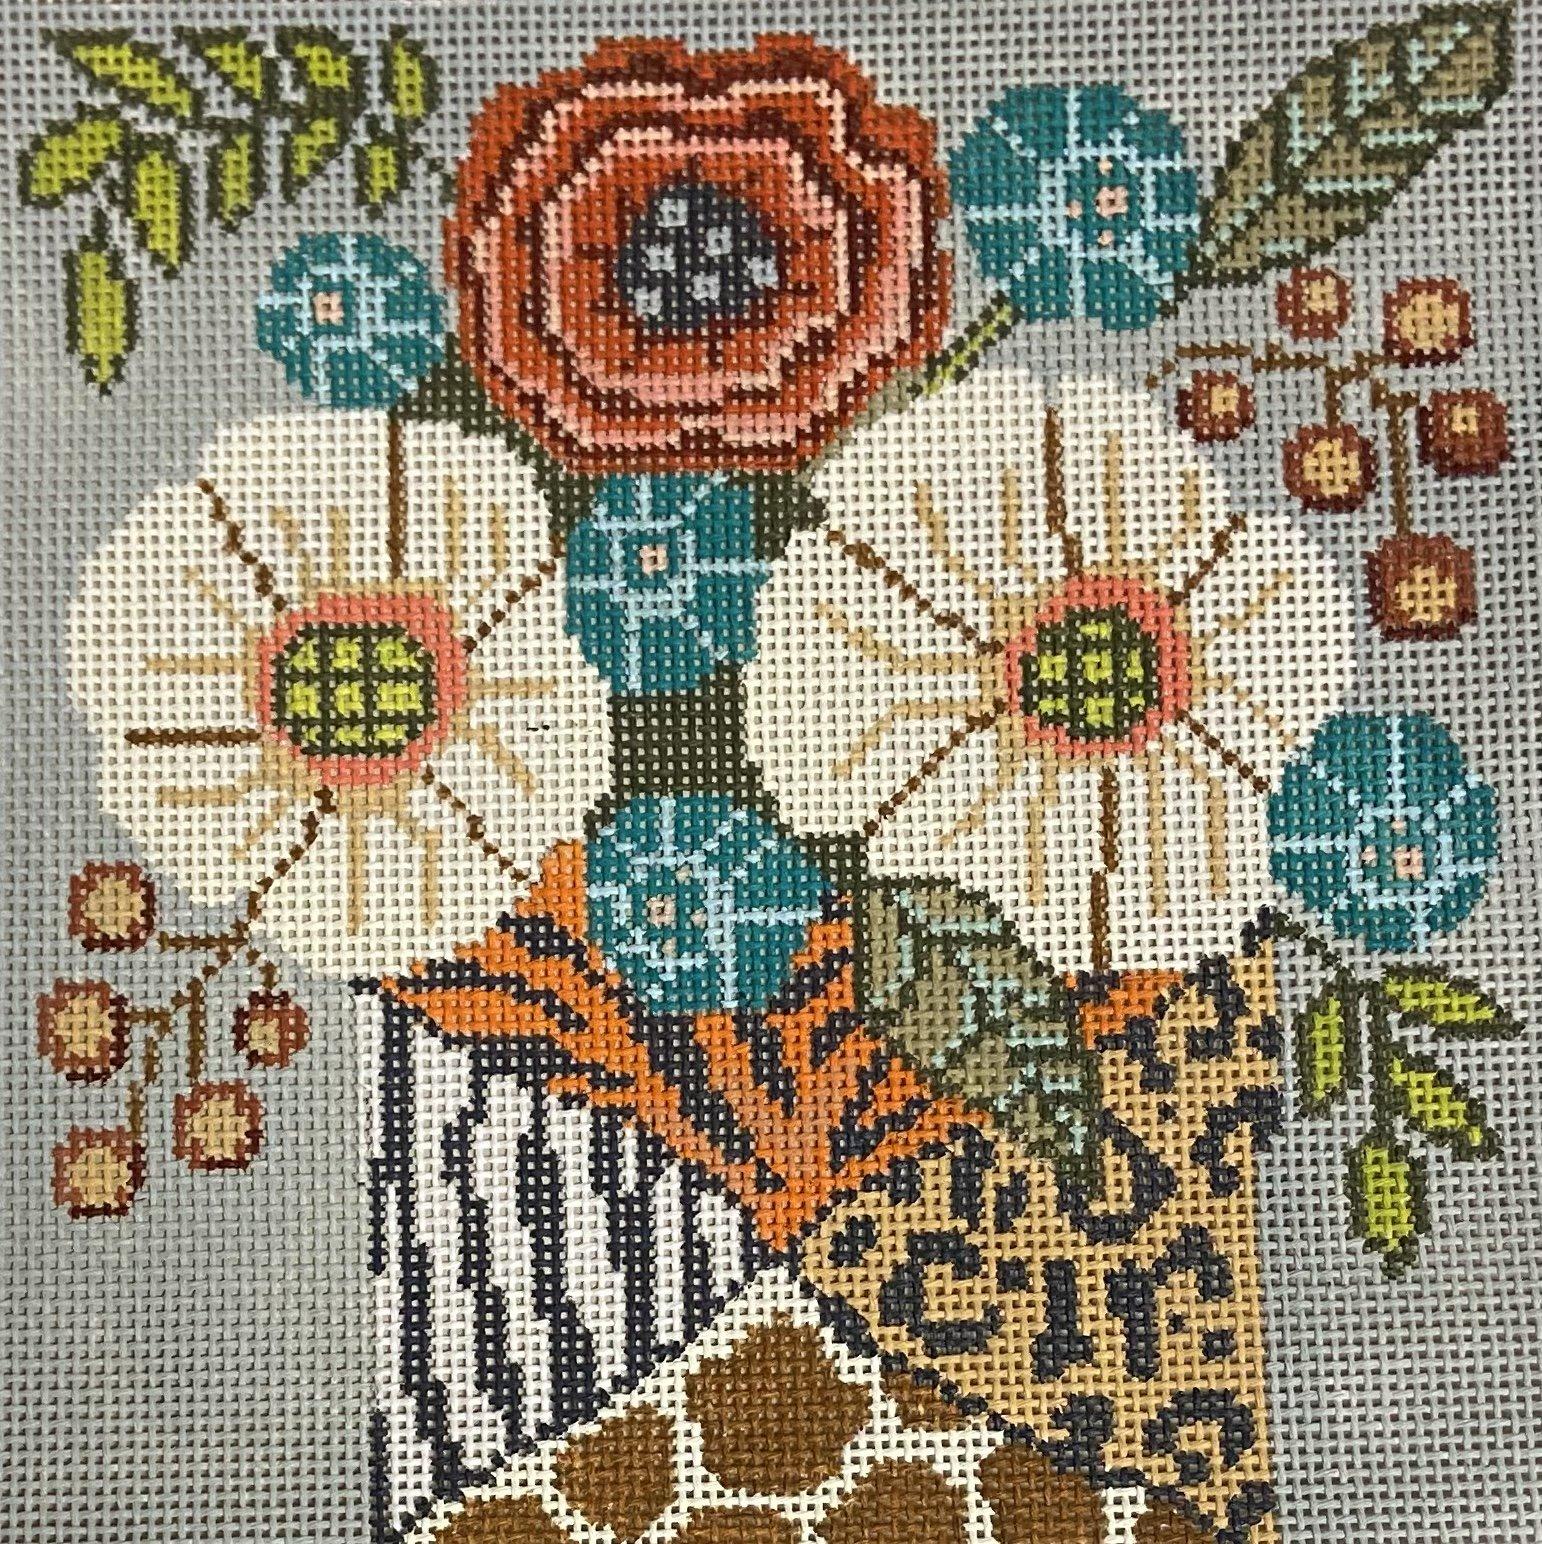 Flowers in Animal Print Vase